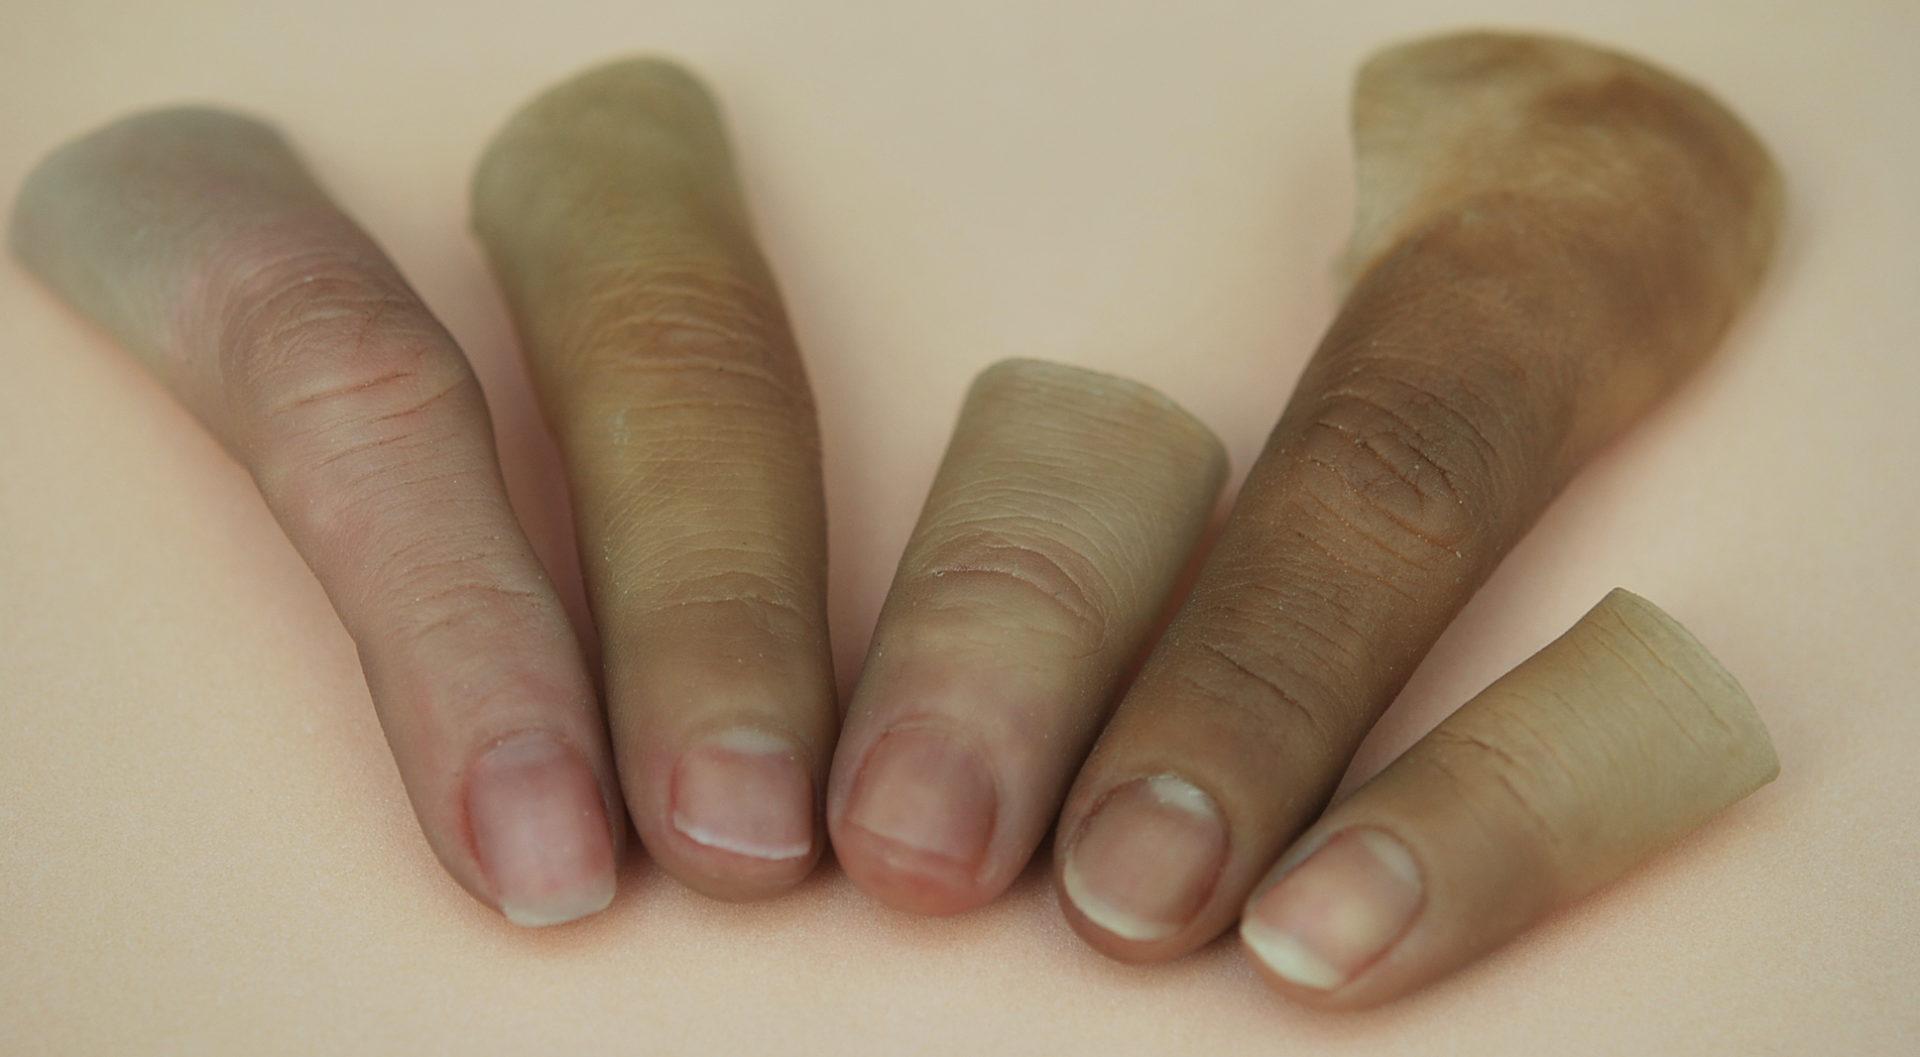 """<span  class=""""uc_style_uc_tiles_grid_image_elementor_uc_items_attribute_title"""" style=""""color:#ffffff;"""">Prótesis dedos Medellín * MG  Las prótesis de dedos Avanzadas MG, Son increíbles obras de arte, totalmente realistas. No se distinguen de los dedos reales. Hechos a medida exacta, incluso con el color, tono, textura, pliegues, huellas, idénticos a los del paciente.  Son dispositivos de óptima apariencia, calidad y durabilidad.  Elaborados con los principales componentes: tecnológicos, ortopédicos, anatómicos y cosméticos.  La tecnología patentada MG, logra compensar la deficiencia ortopédica. También, reproduce la anatomía y cosmética real del paciente. Imitando a la perfección los dedos perdidos por causa de lesiones o traumáticas o  congénitas.  La técnica para reconstrucción protésica del dedo, emula los de la mano opuesta. Las prótesis MG, tendrán toda la información de la persona; la morfología, huellas digitales, tamaño, color de uña, lunares y venas, etc.  Todo se puede hacer, en parte a un estrecho contacto directo con el cliente a lo largo del proceso de fabricación.  Las prótesis para dedos MG se adaptan a cualquier nivel de pérdida, especialmente para amputaciones parciales, con presencia de una falange residual o muñón del dedo. Para los casos más complejos o de desmembramientos debe preguntar al especialista MG, por las alternativas existentes para usted.  En todos los casos se garantiza que el dedo MG queda perfectamente sujetado al muñón o falange residual. Gracias al SOM-G * Soquet Ortopédico MG. Se pueden poner o quitar en segundos, encajan perfectamente. Los dedos MG no requieren pegamento, ni vendajes para la colocación diaria.</span>"""